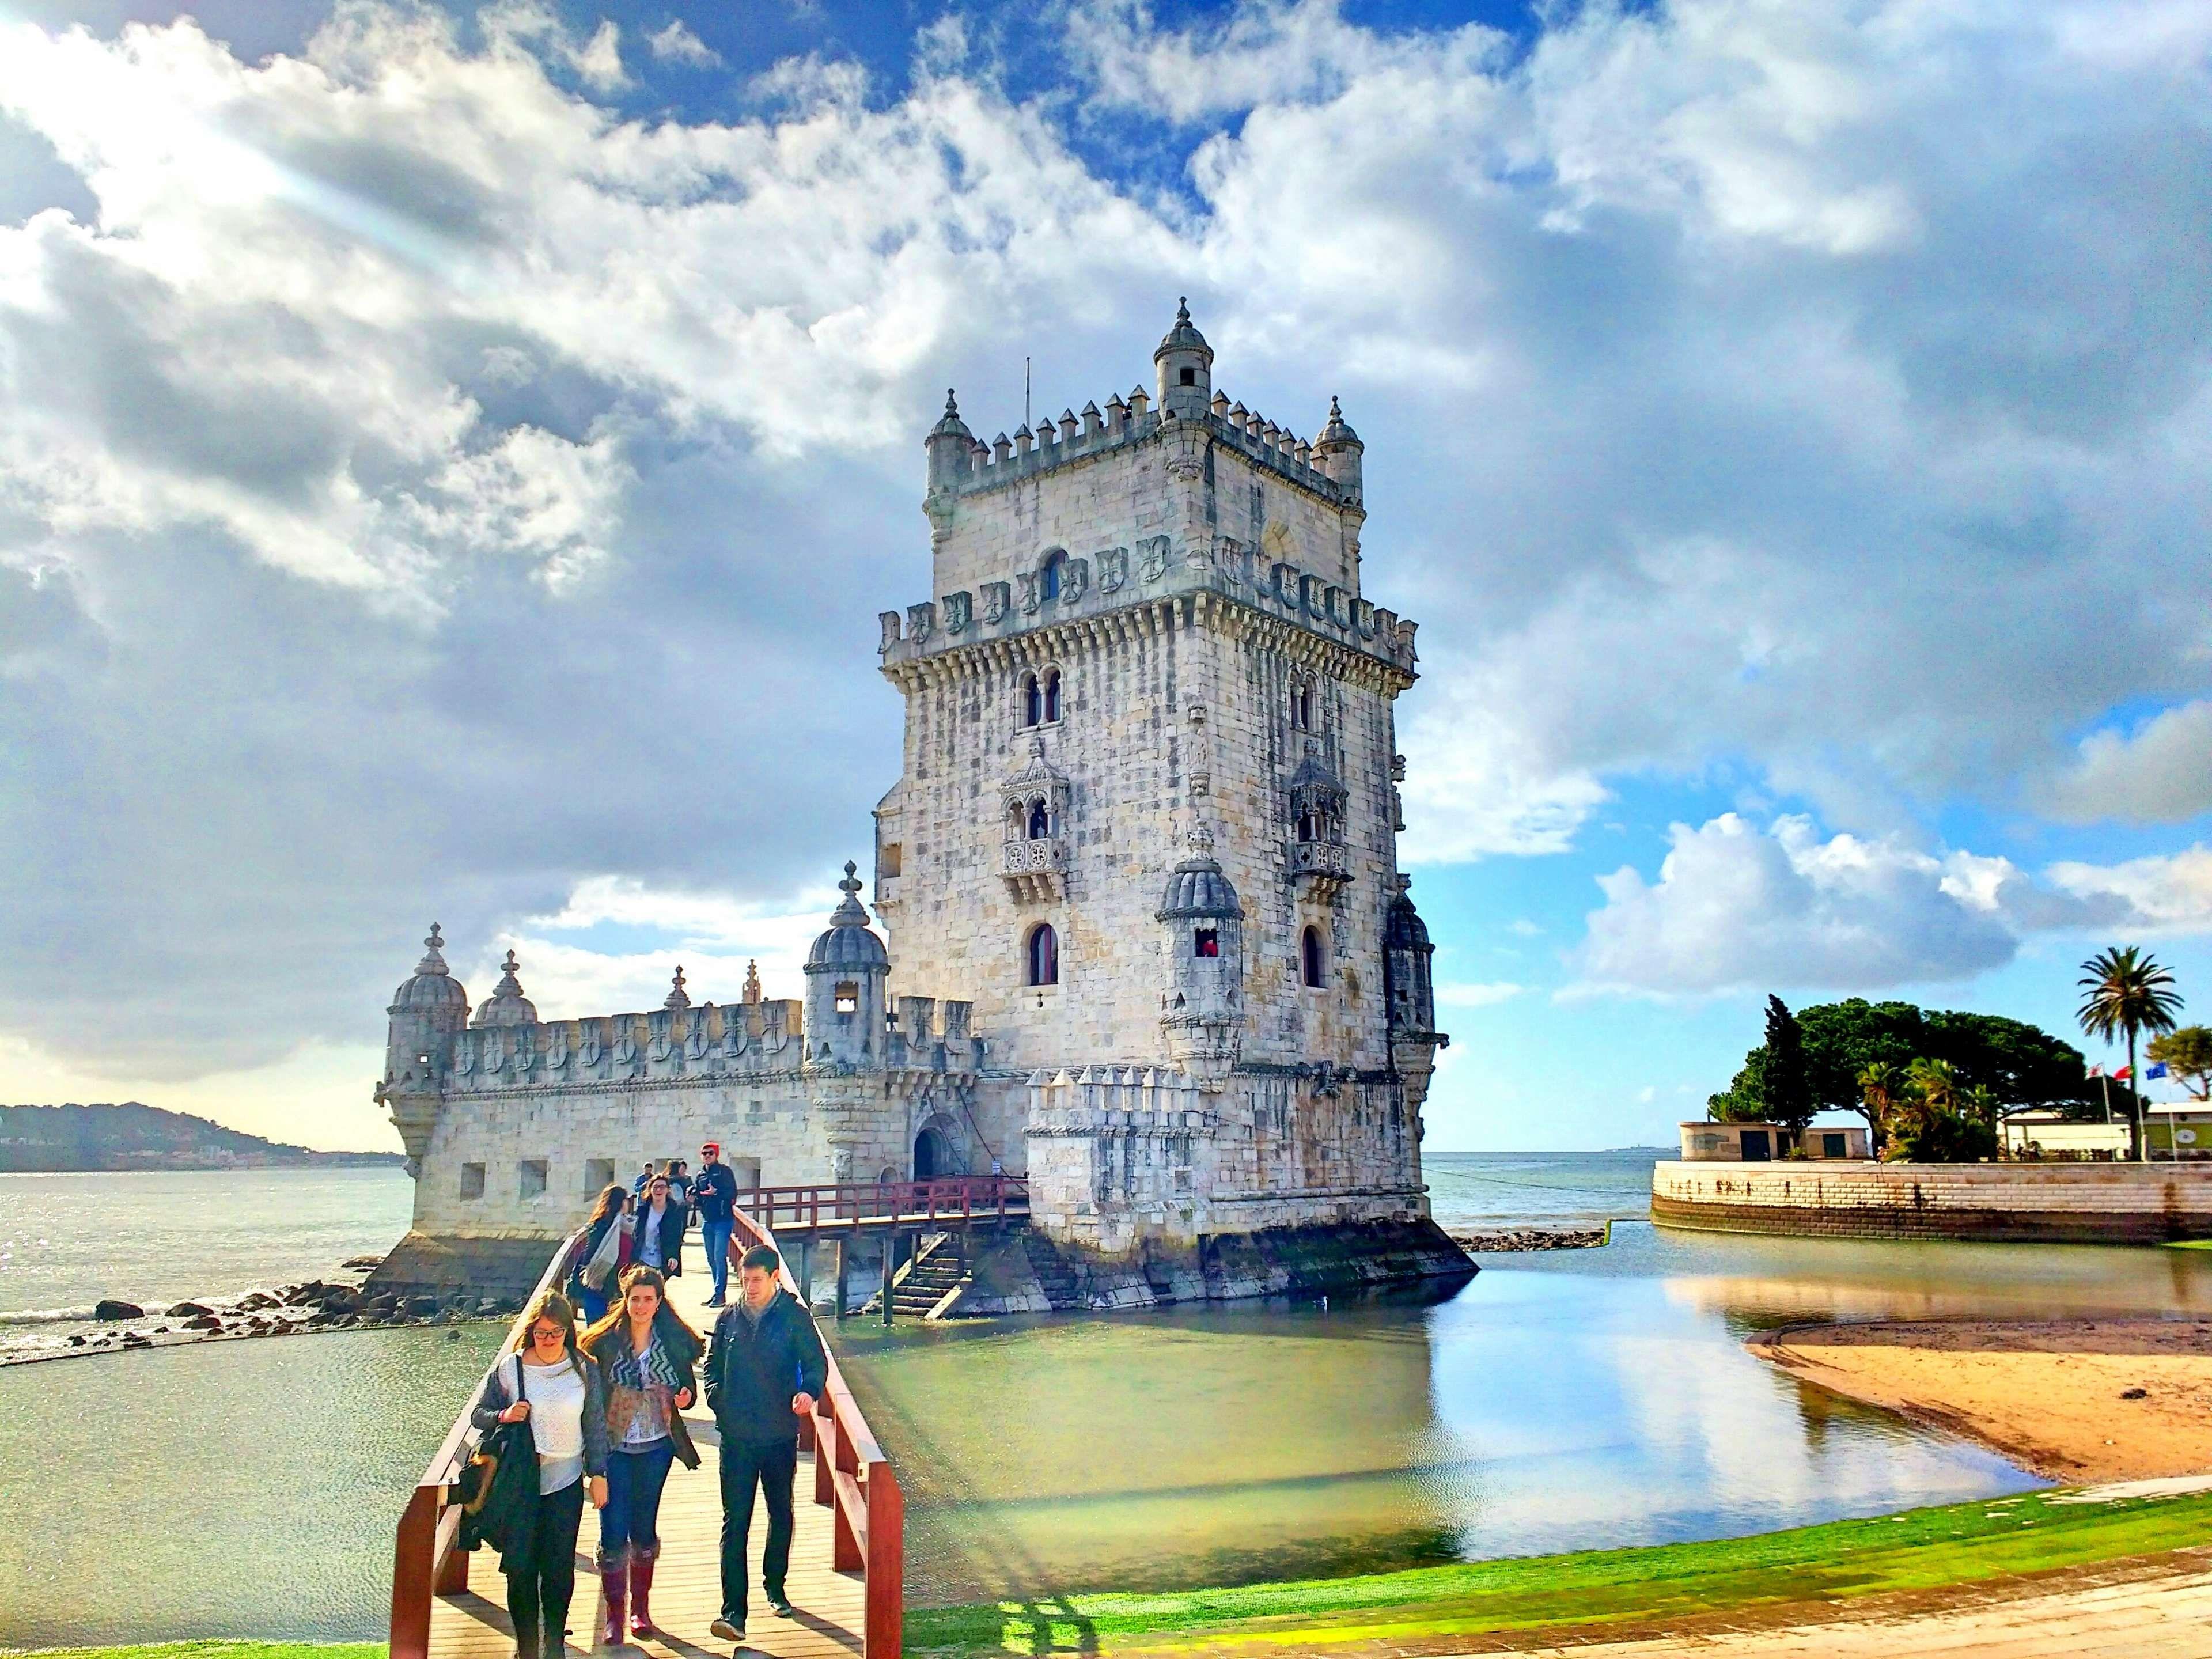 #belm #belem tower #lisbon